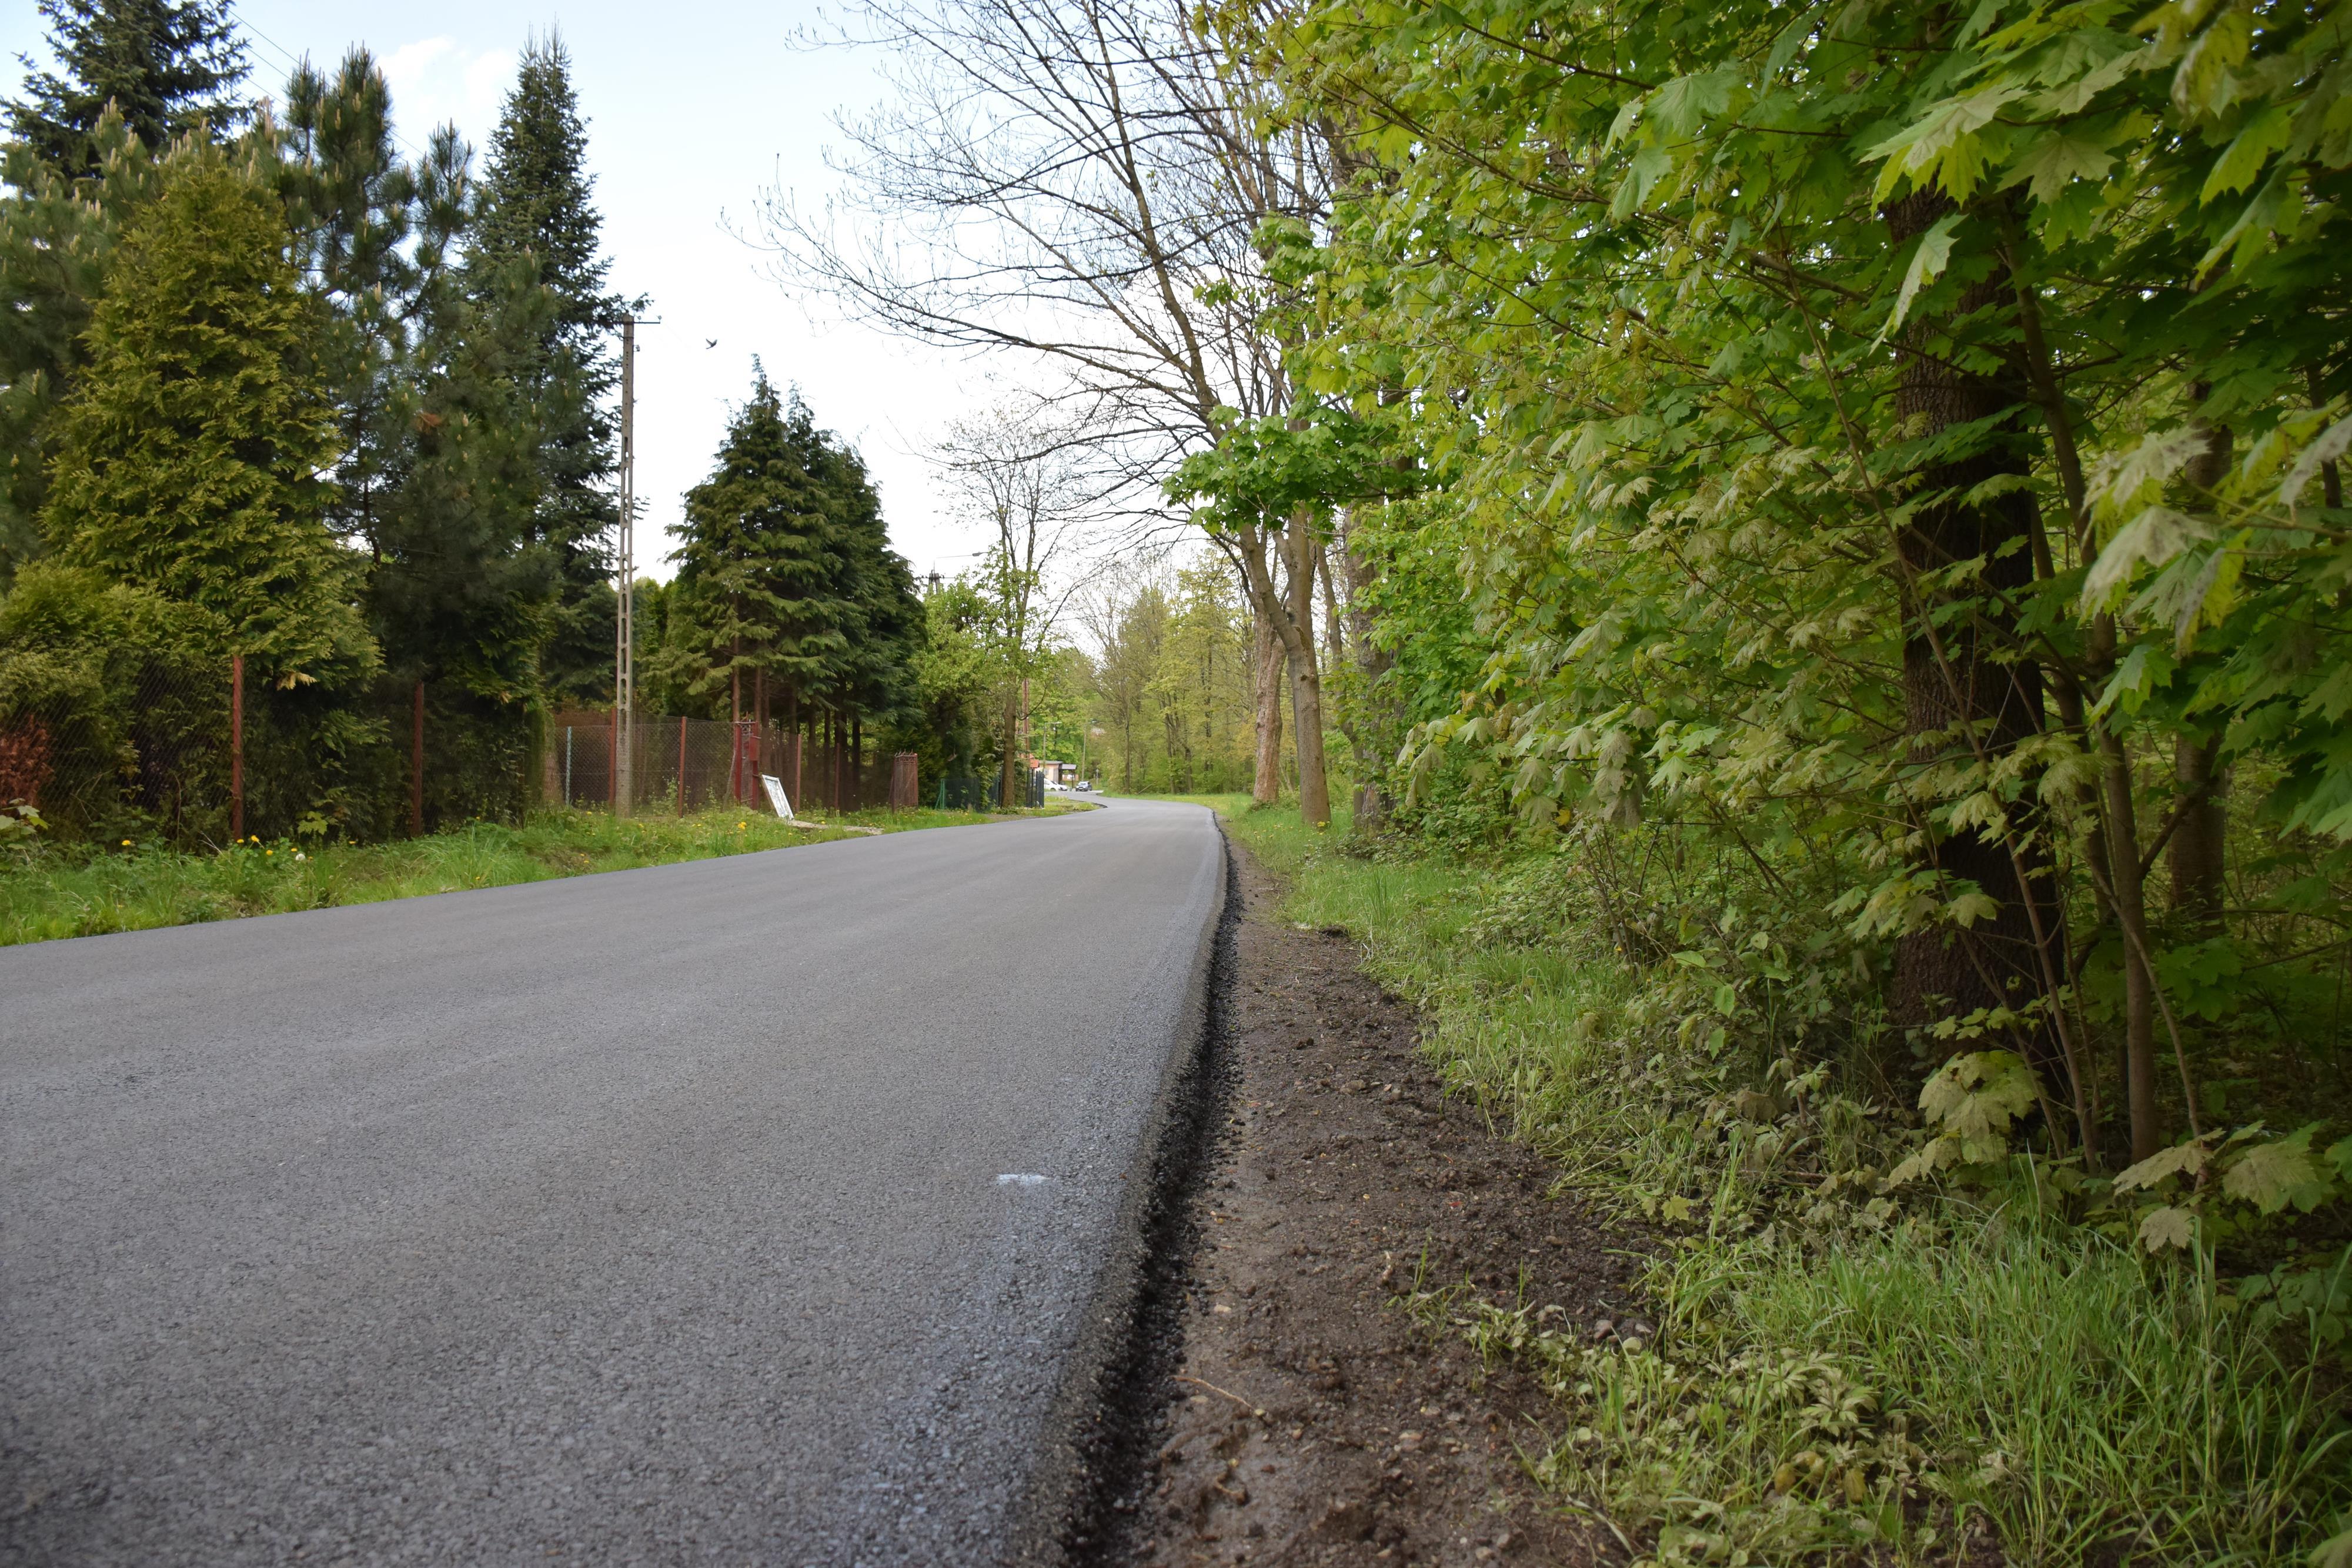 Mieszkańcy się doczekali. Wylano asfalt prawie na samym końcu wsi [FOTO]